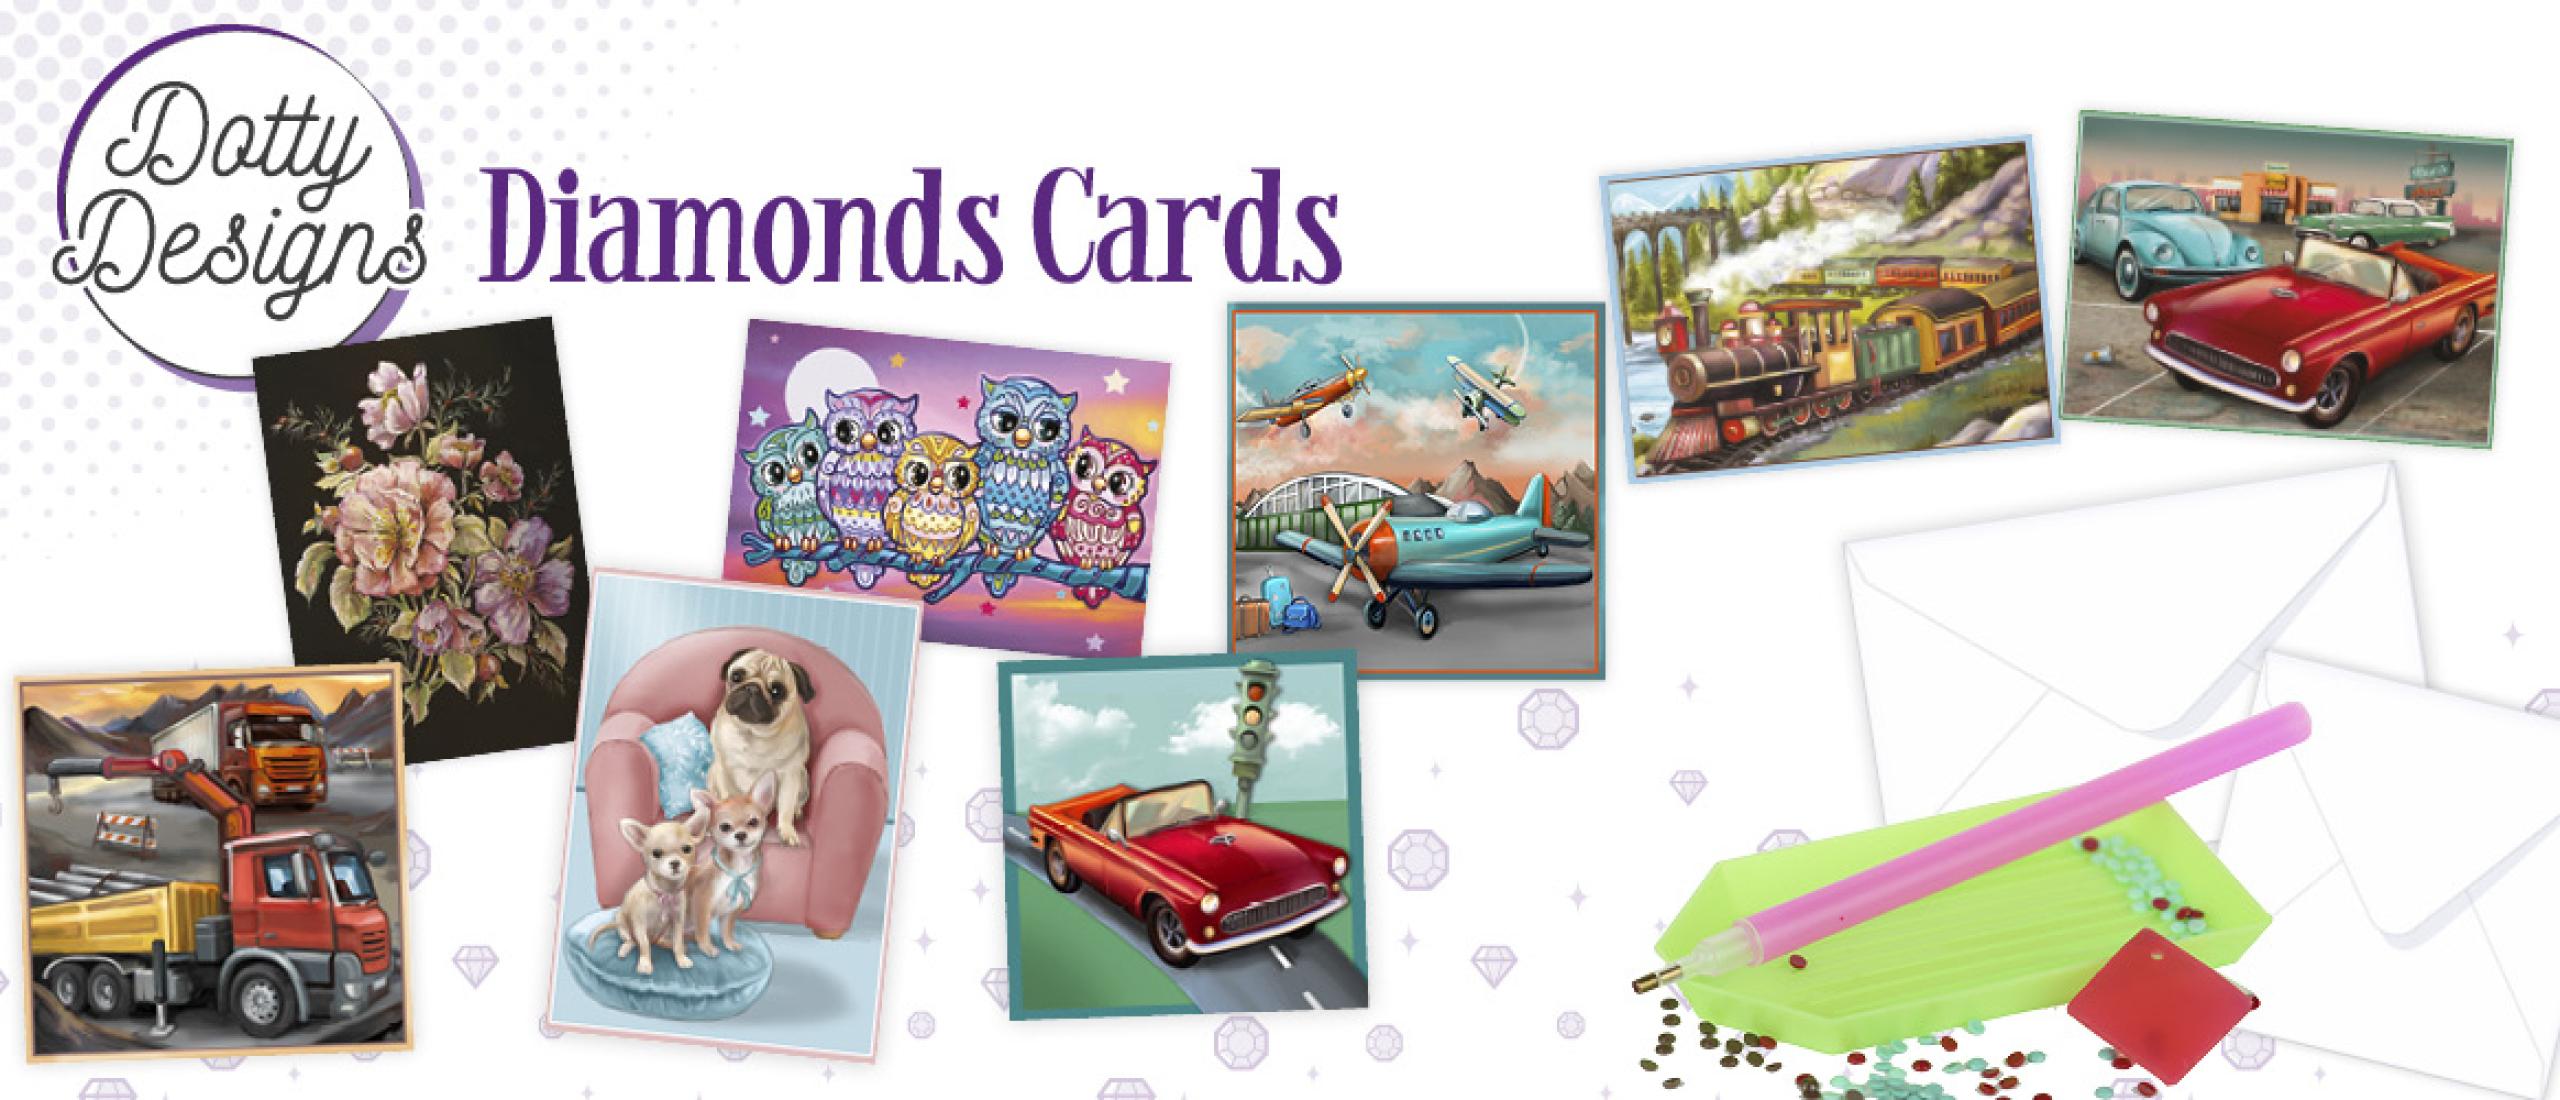 Dotty Designs Diamond Cards 25 t/m 32